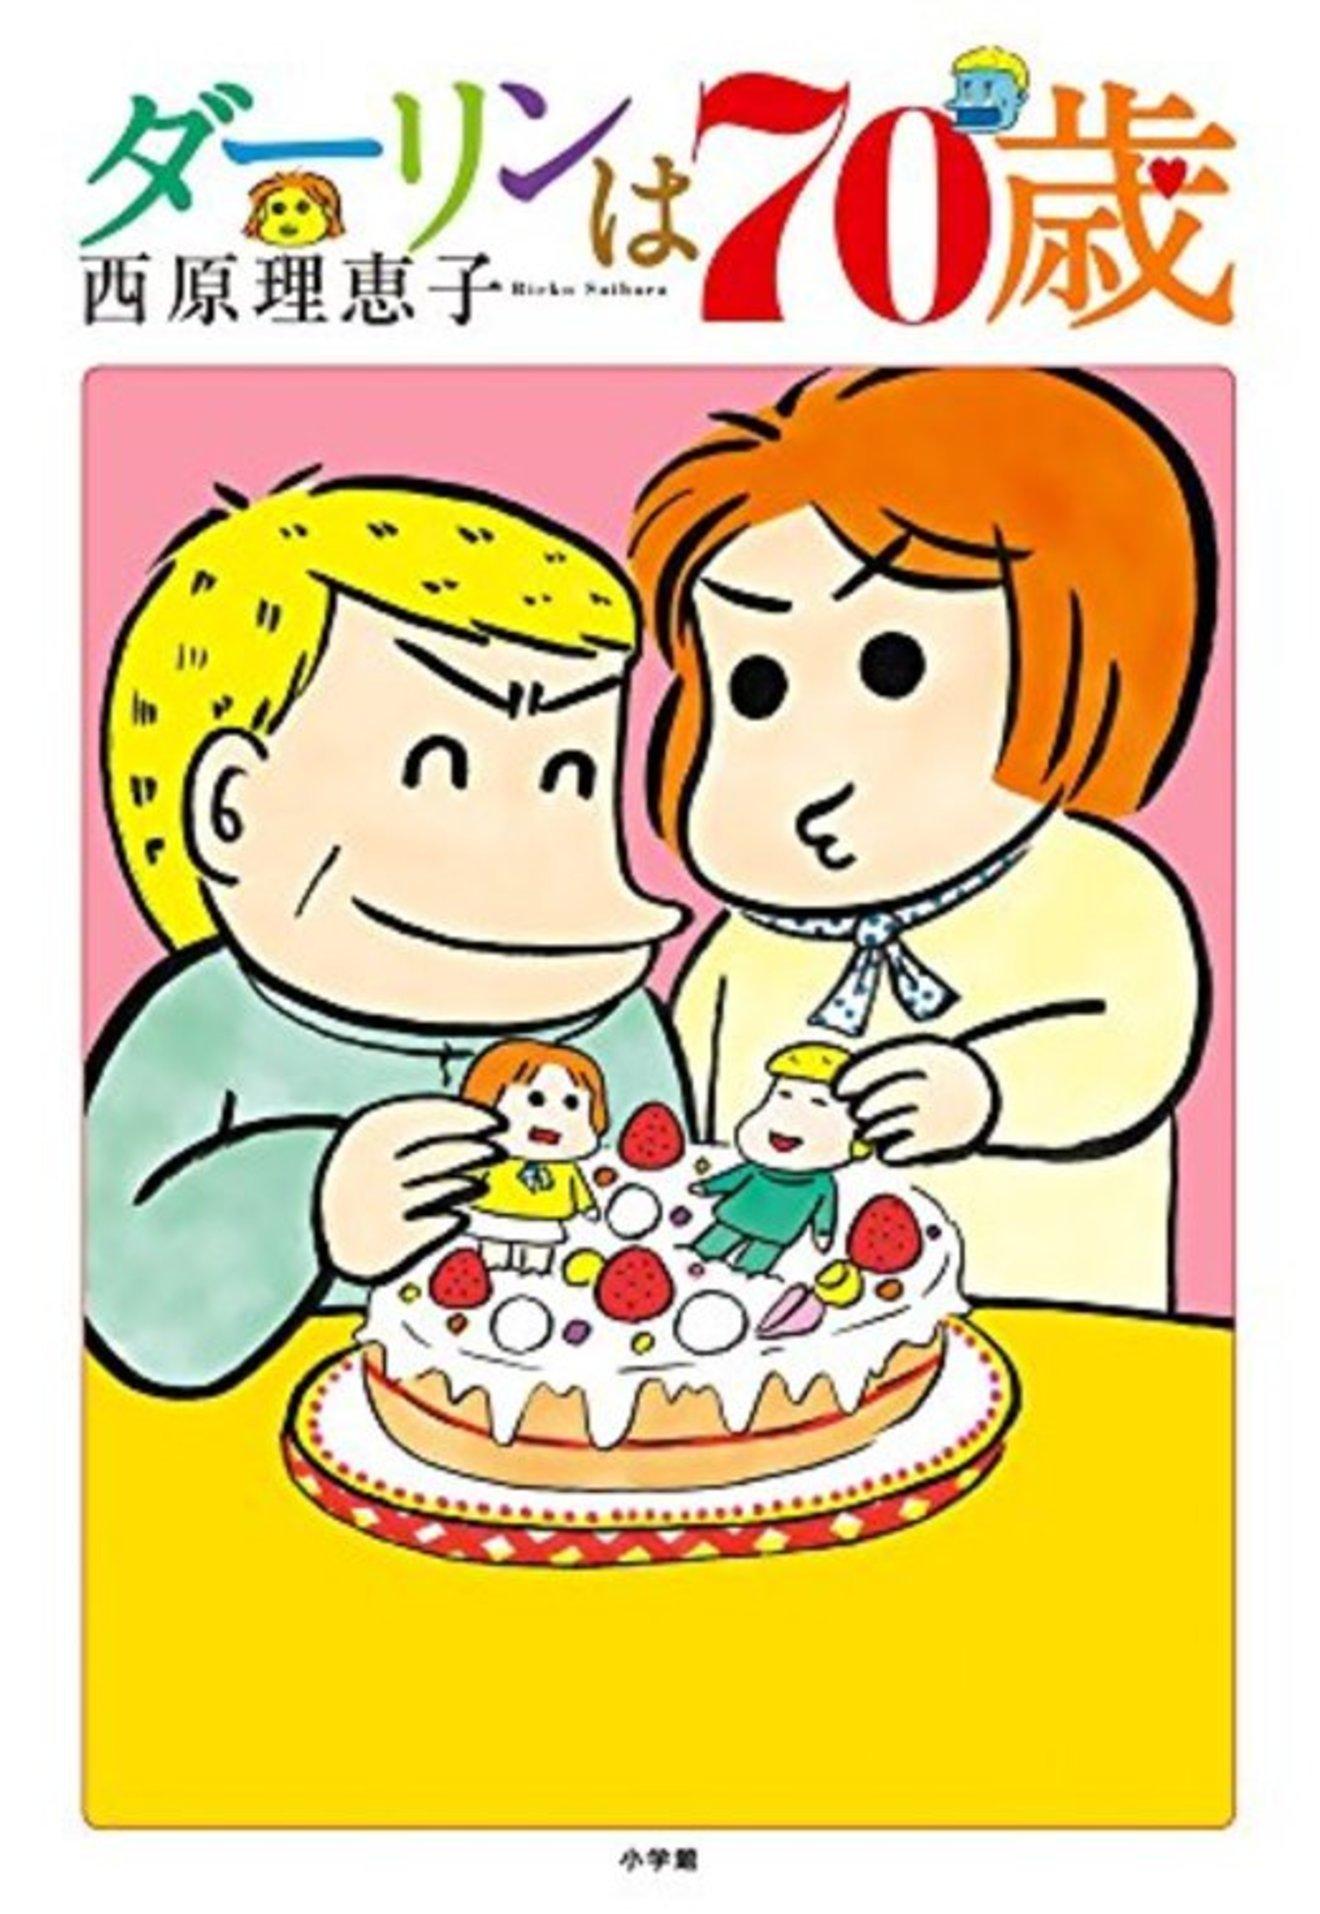 西原×高須の高齢恋愛漫画『ダーリンは70歳、71歳』人気の秘訣をネタバレ